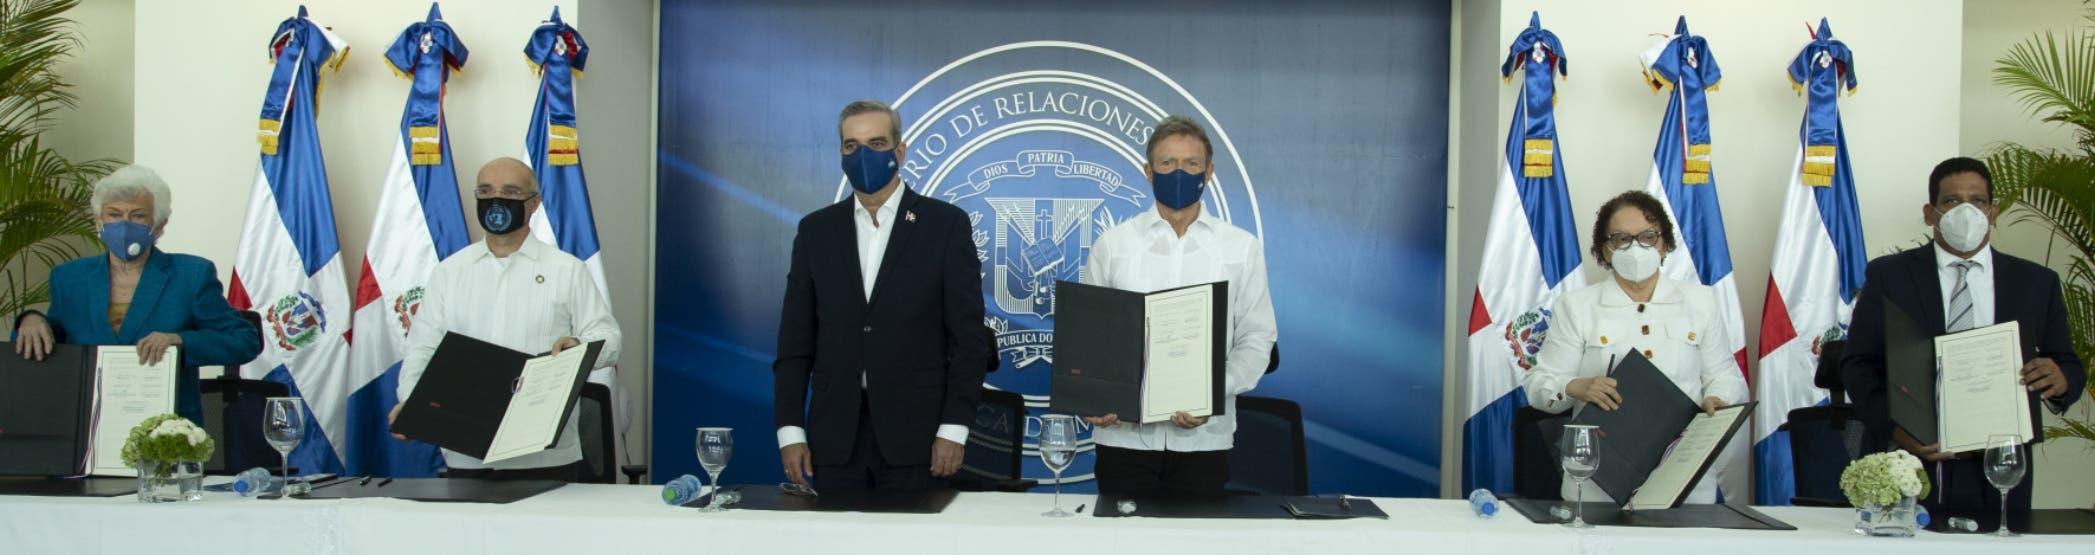 ONU asistirá al país en  fortalecer la persecución corrupción administrativa